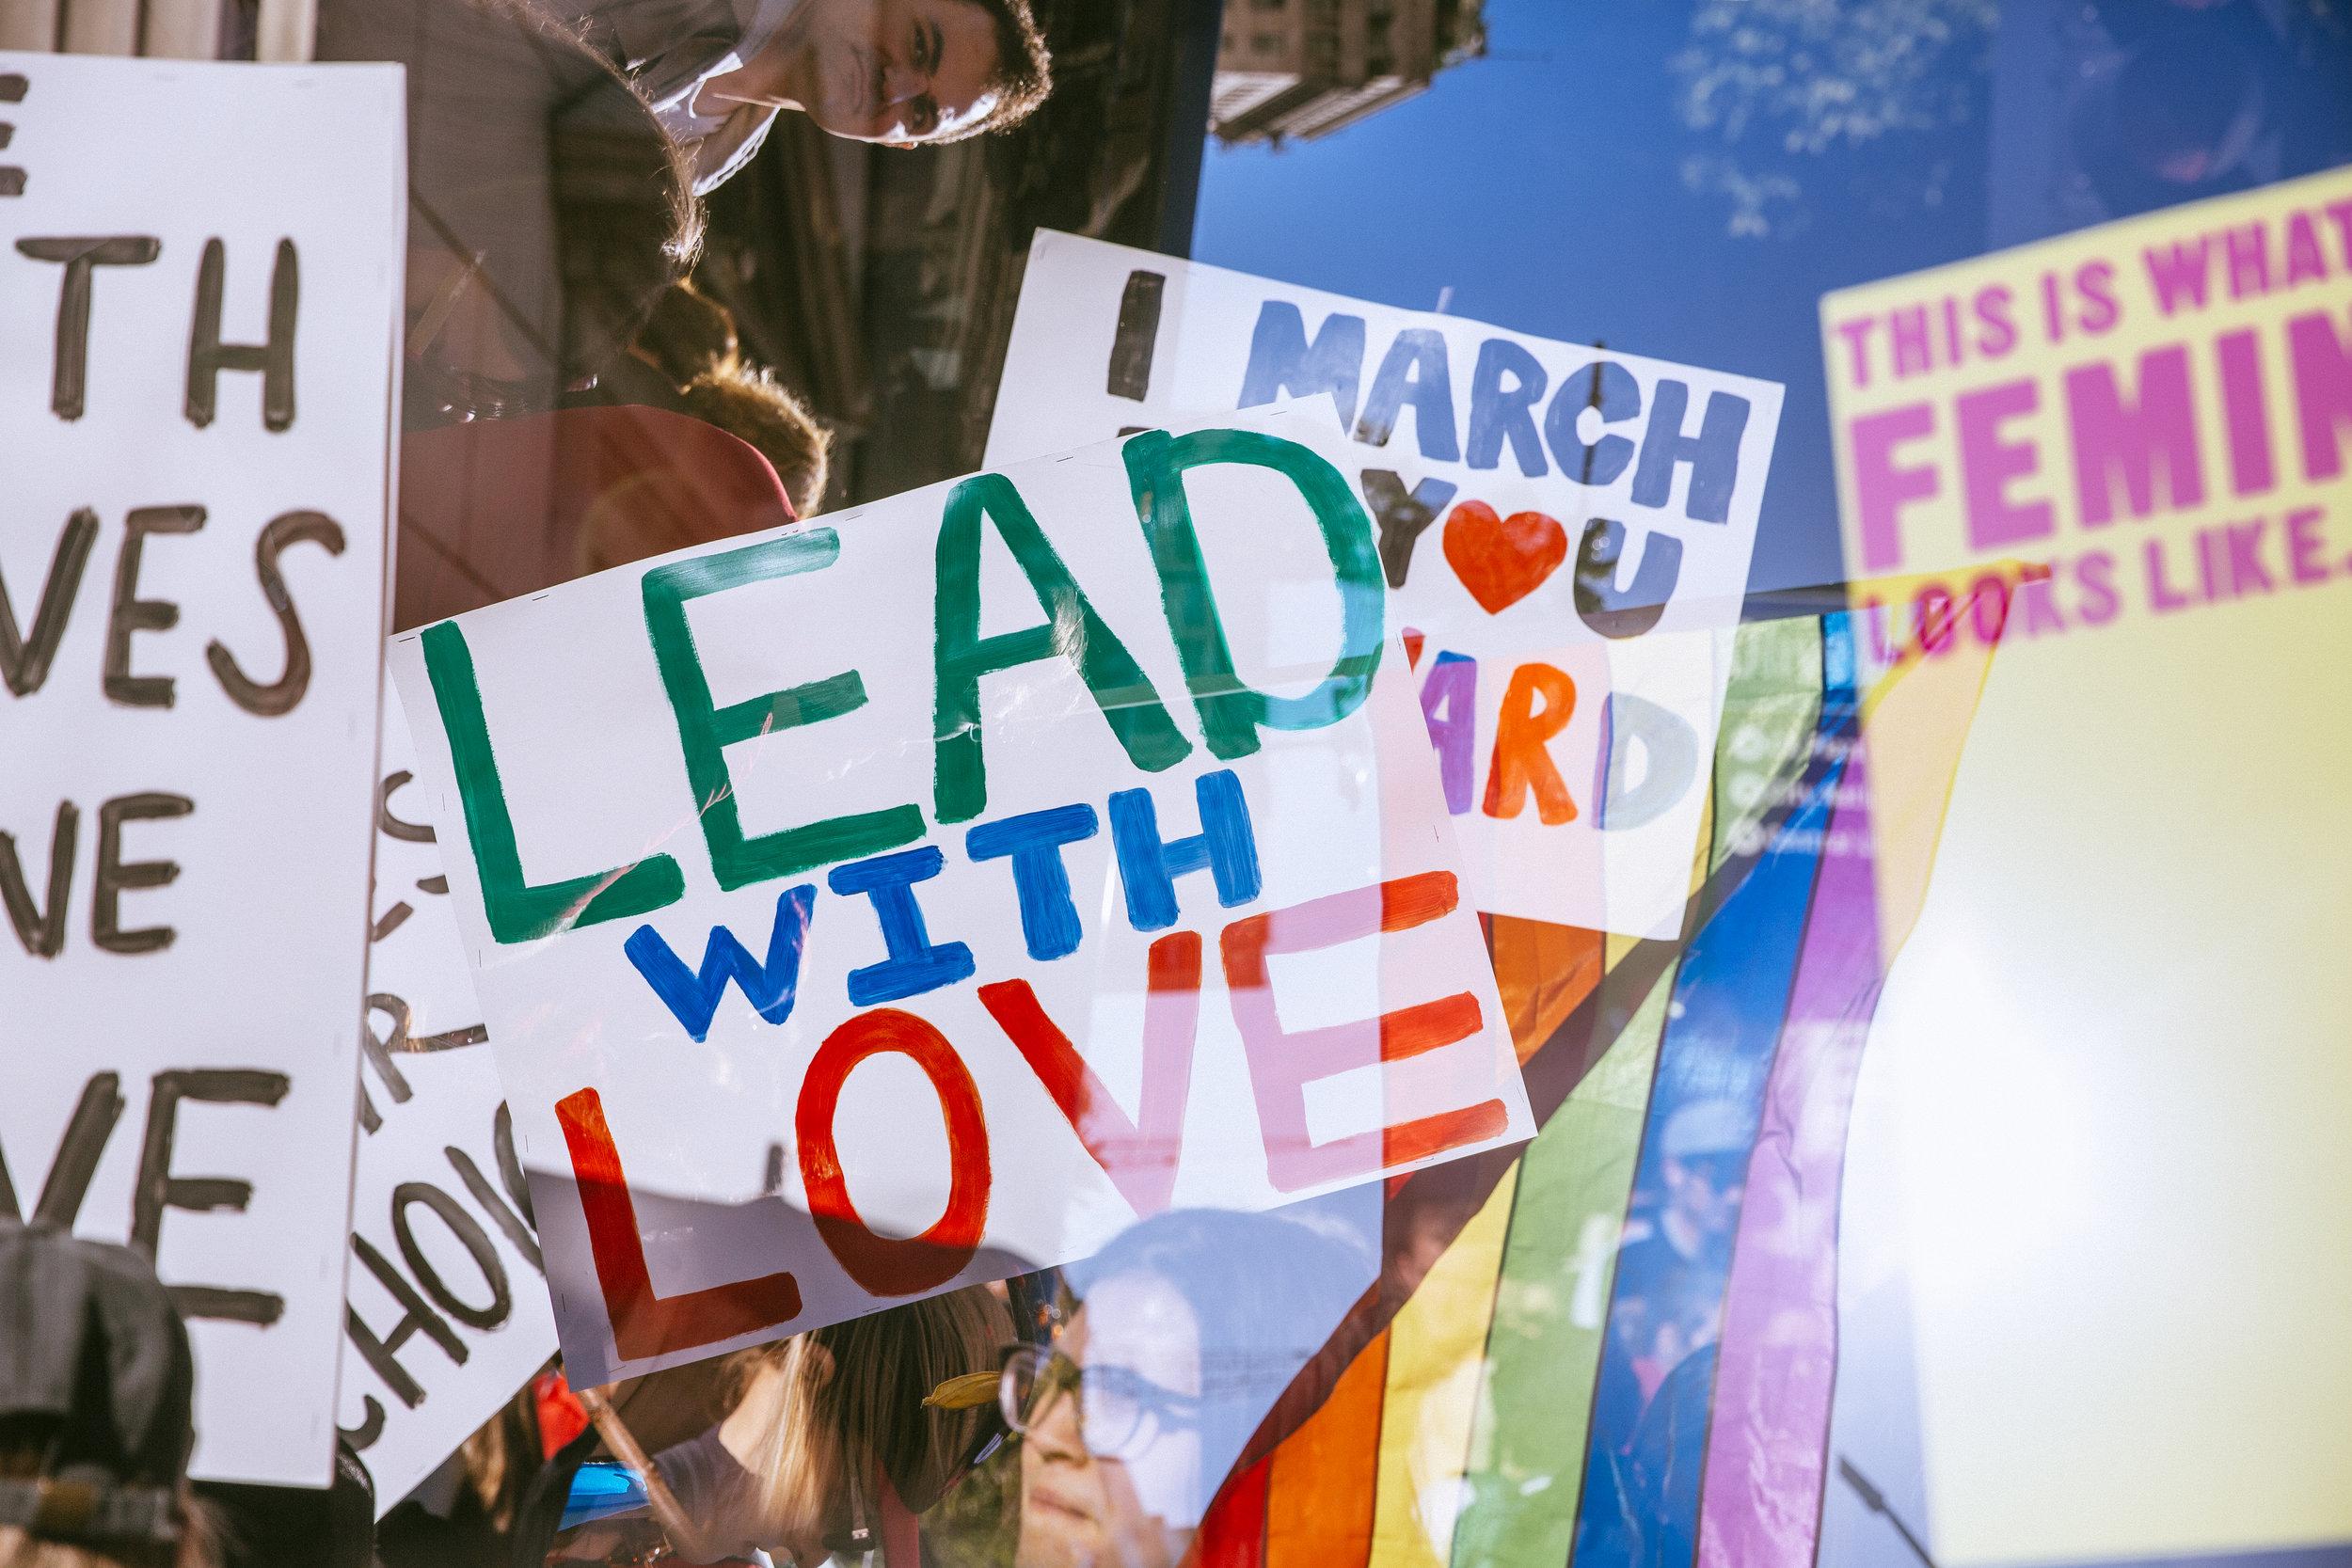 170121 women's march - 4257.jpg